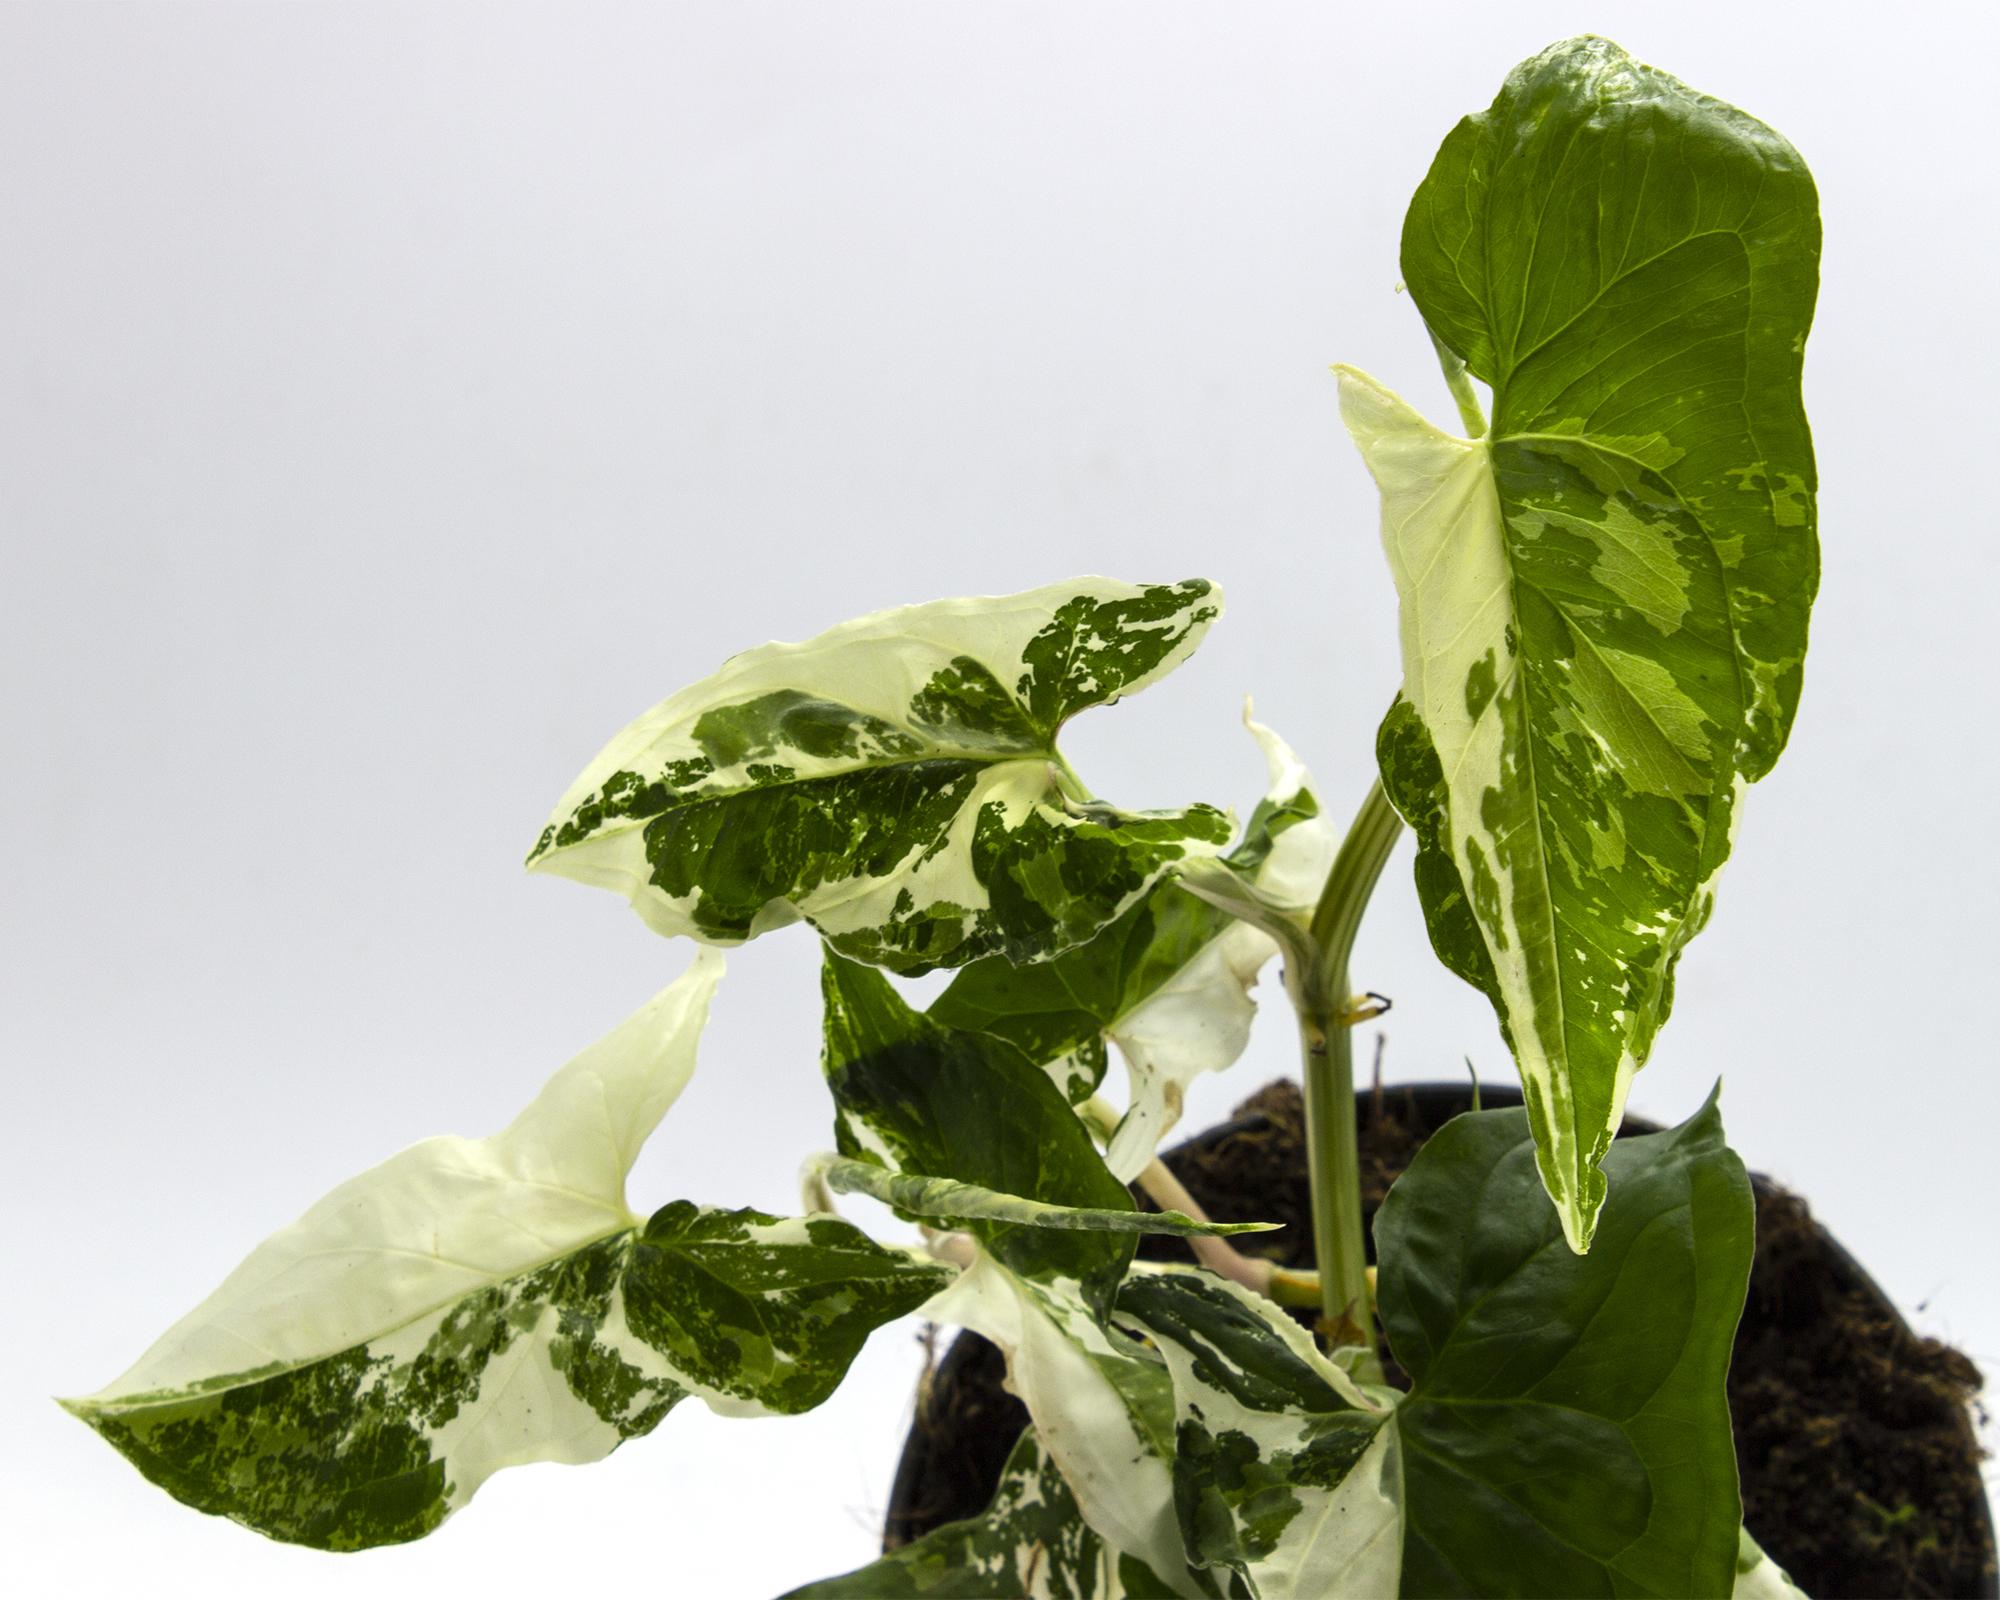 syngonium white variegata h35 v15 art.10046641 dettaglio